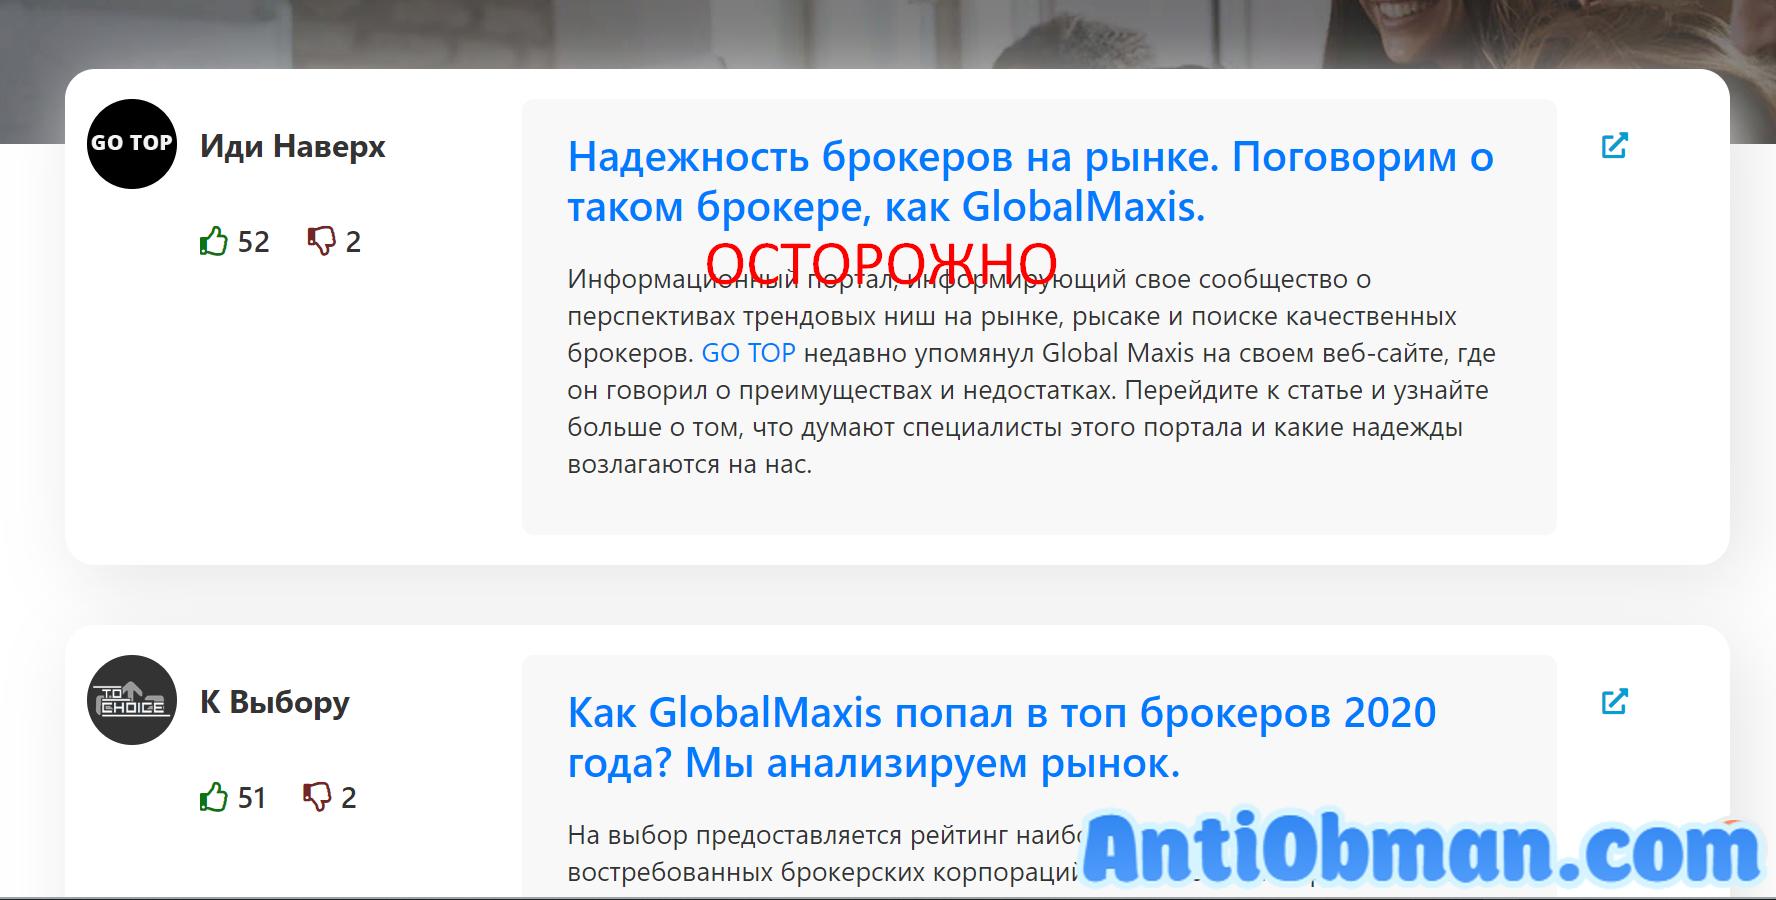 Global Maxis (globalmaxis.com) - реальные отзывы. Обзор брокера